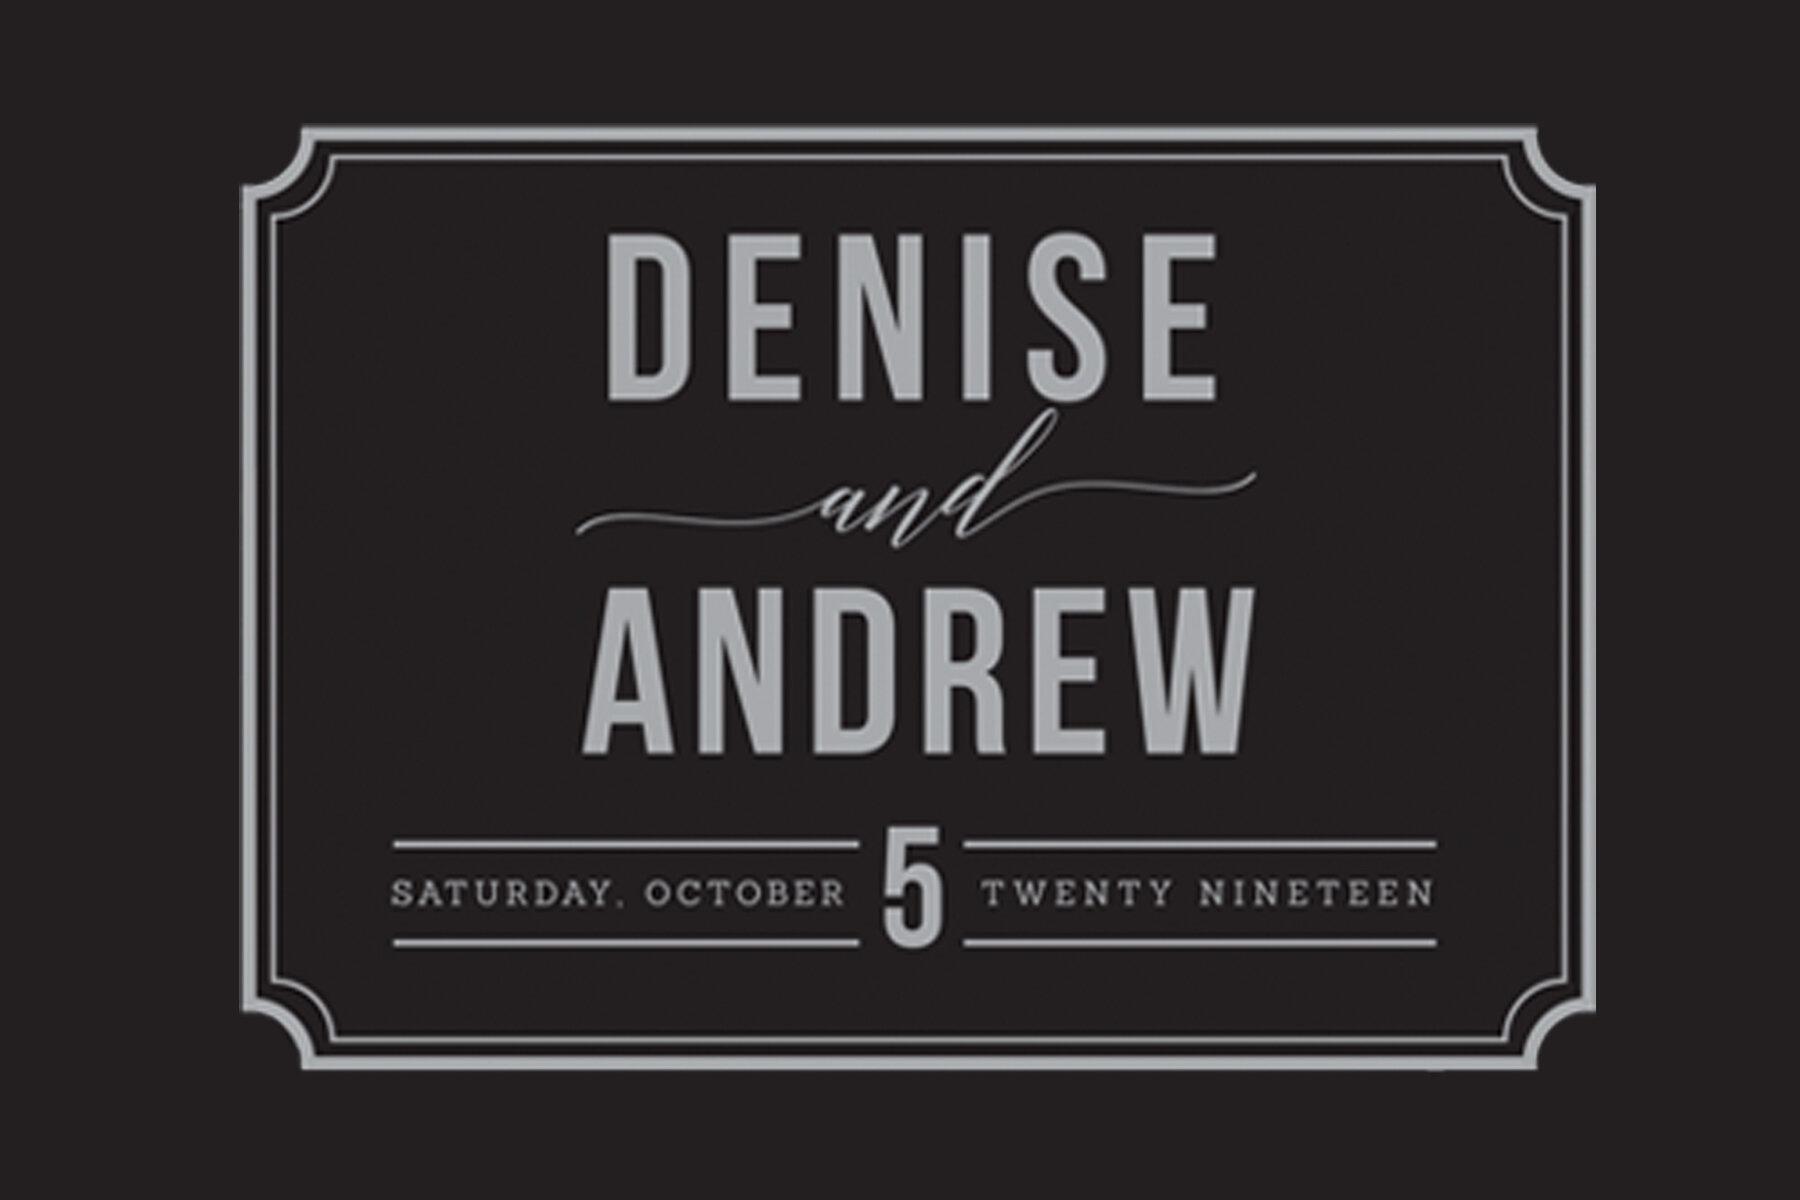 denise and andrew_logo.jpg